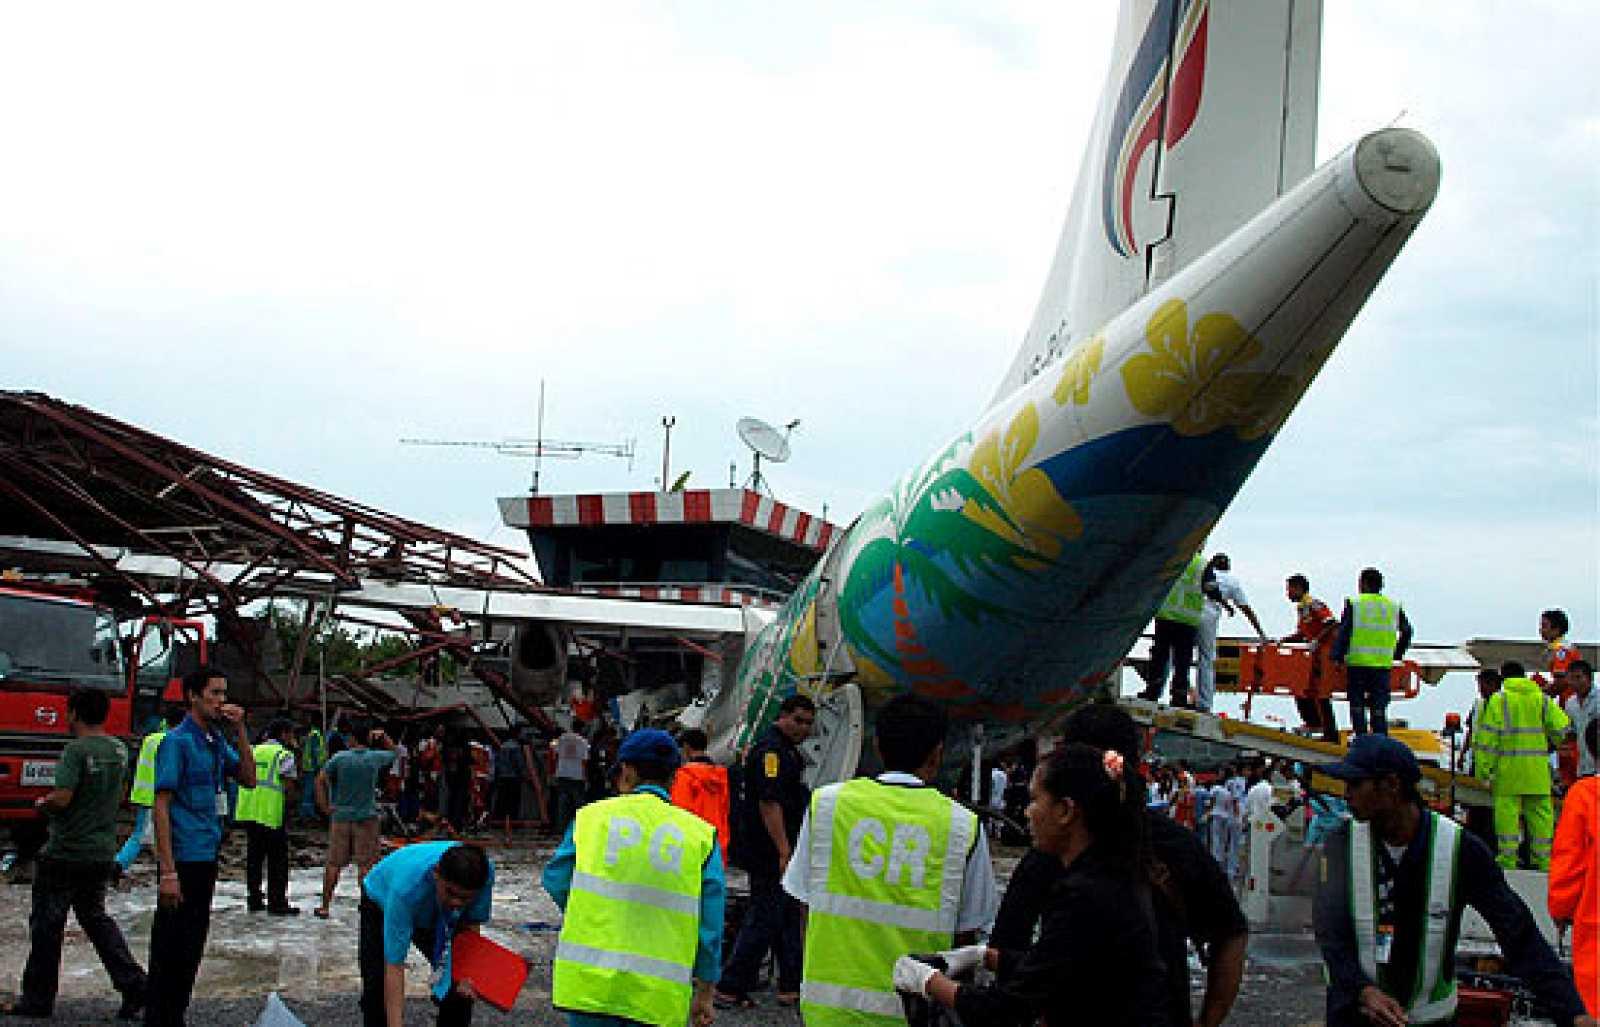 El piloto de un avión de Bangkok Airlines ha fallecido y unas cuarenta personas han resultado heridas al estrellarse el aparato contra la torre de control del aeropuerto de la turística isla de Koh Samui.